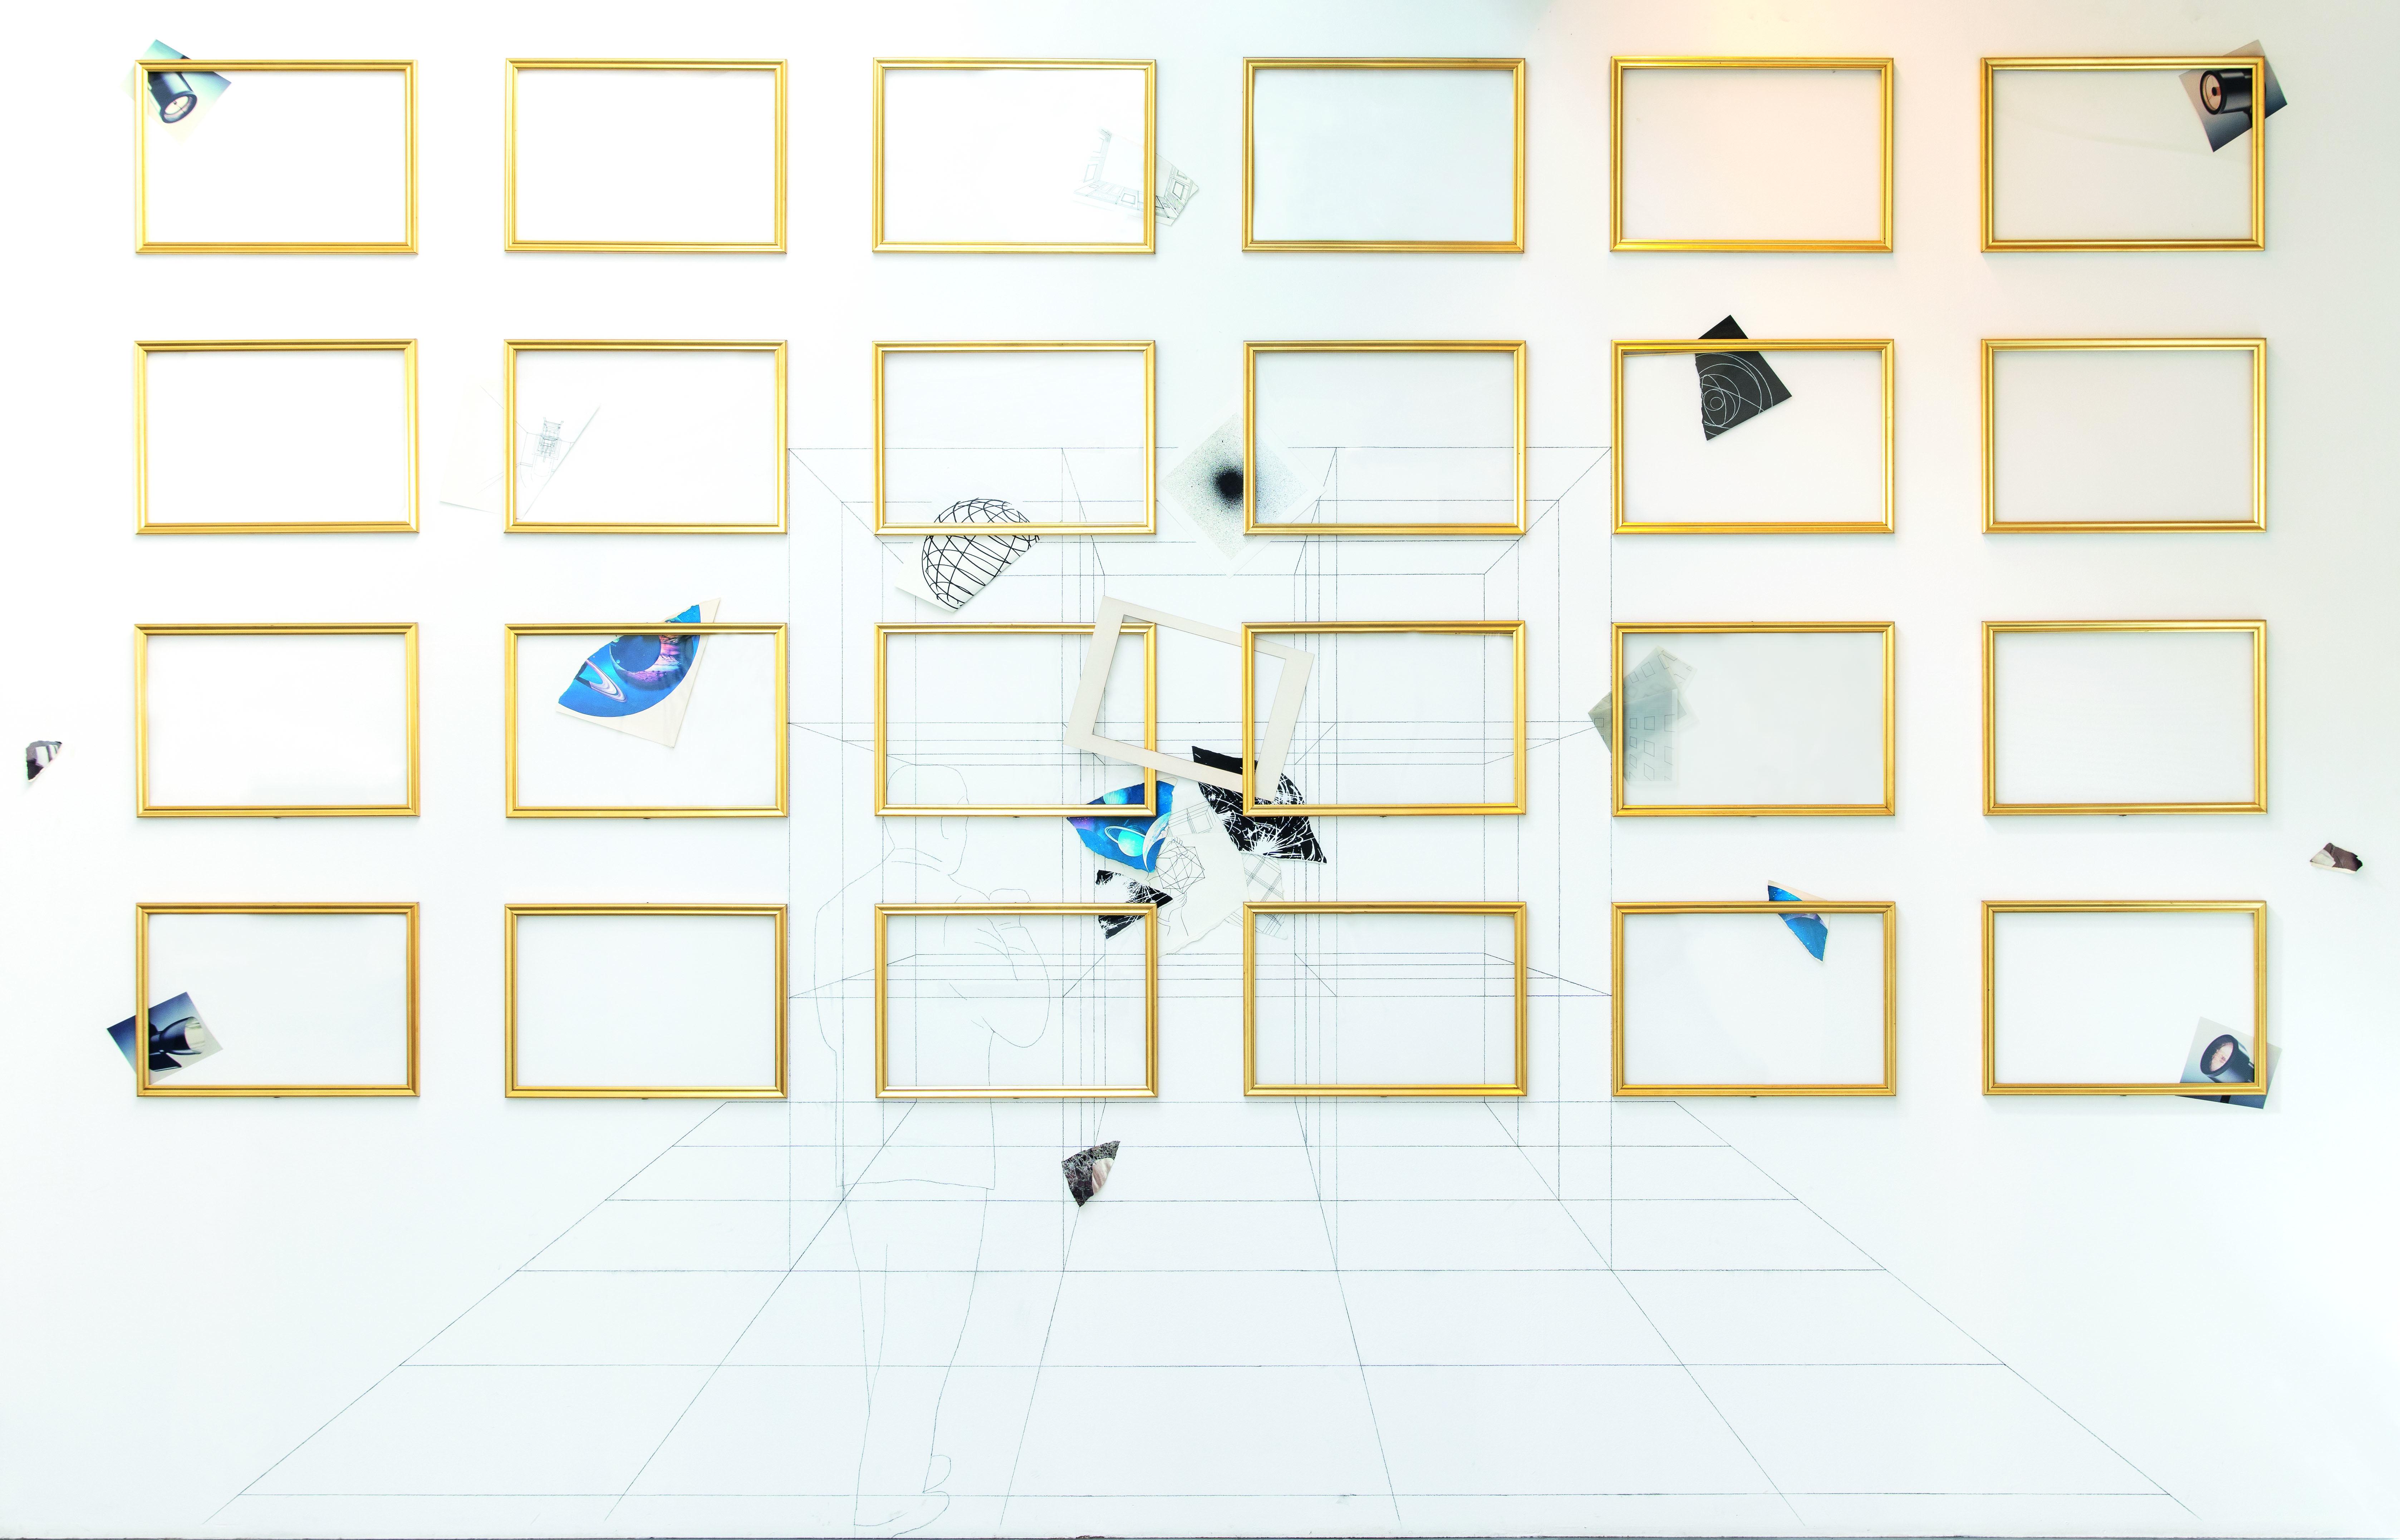 Foto © Amedeo Benestante Giulio Paolini, In ascolto (stanza dello spettatore), 2005, goldfarbene Rahmen, Collage, Bleistift auf Wand, 355 x 520 cm (gesamt), je Rahmen 40 x 60 cm, € 300.000 – 400.000